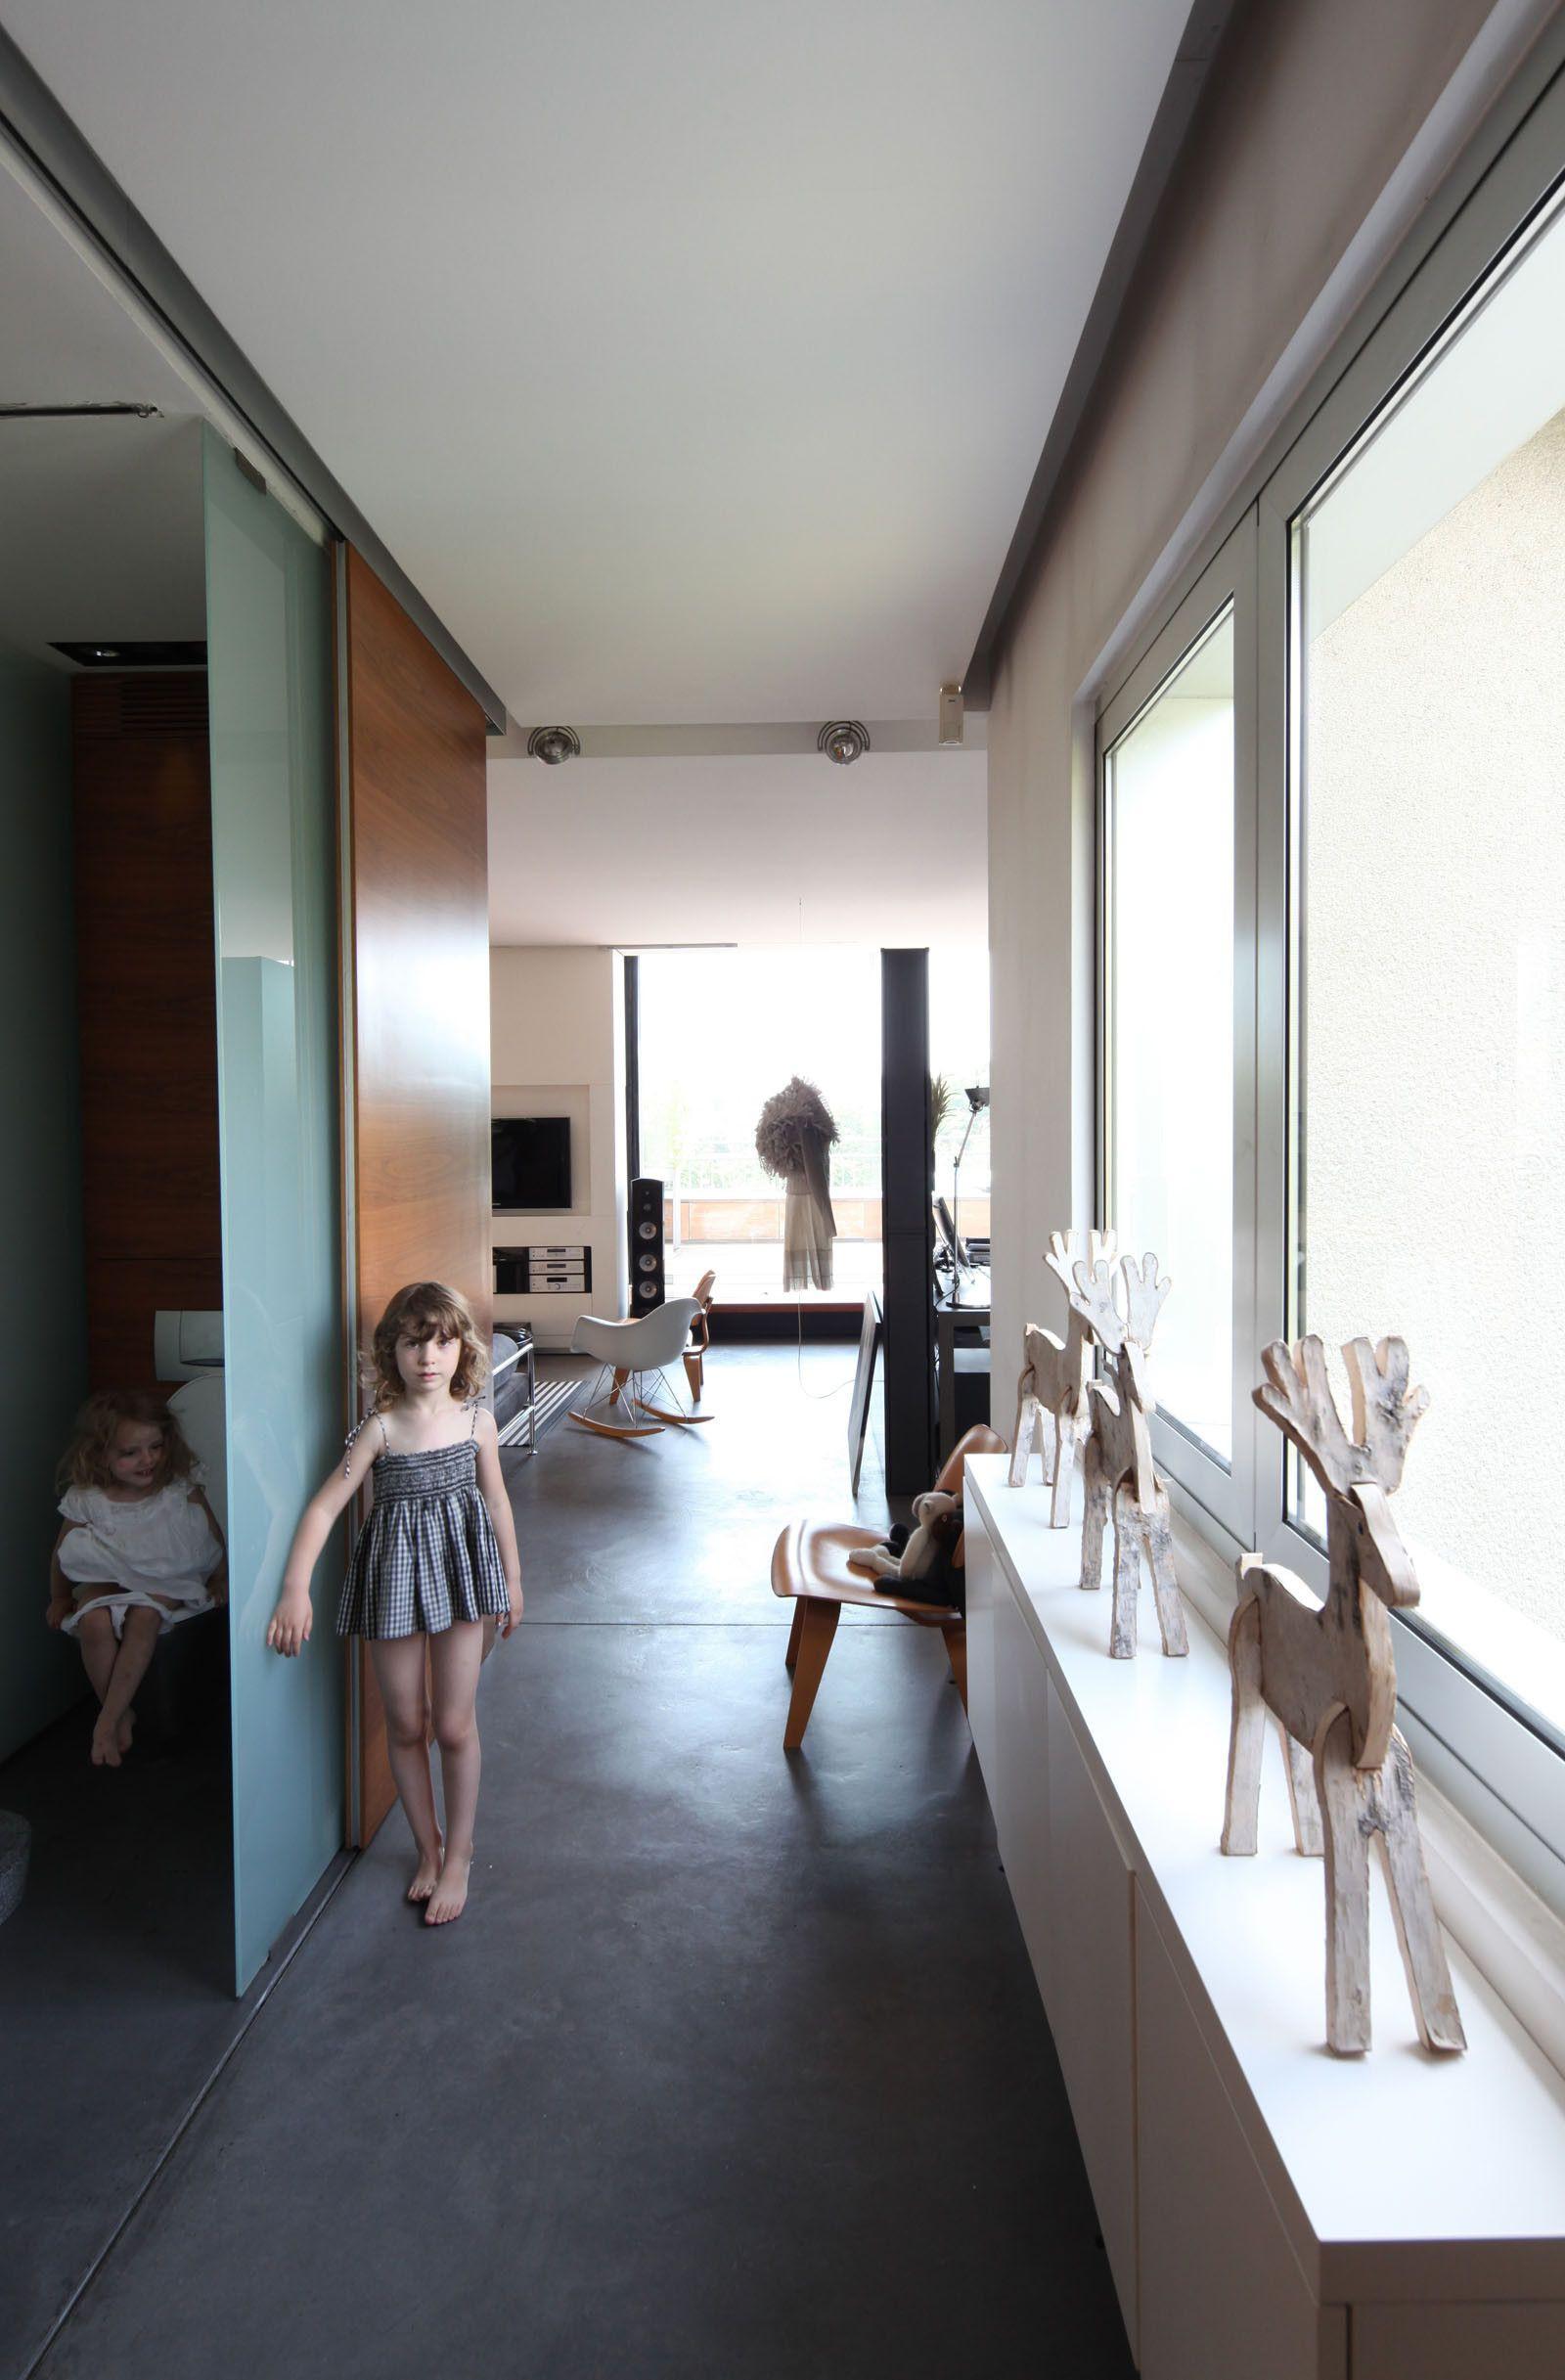 hardwood floor refinishing grand forks nd of hodnik u stanu sivi pod od epoksi smole interijer stan in hodnik u stanu sivi pod od epoksi smole